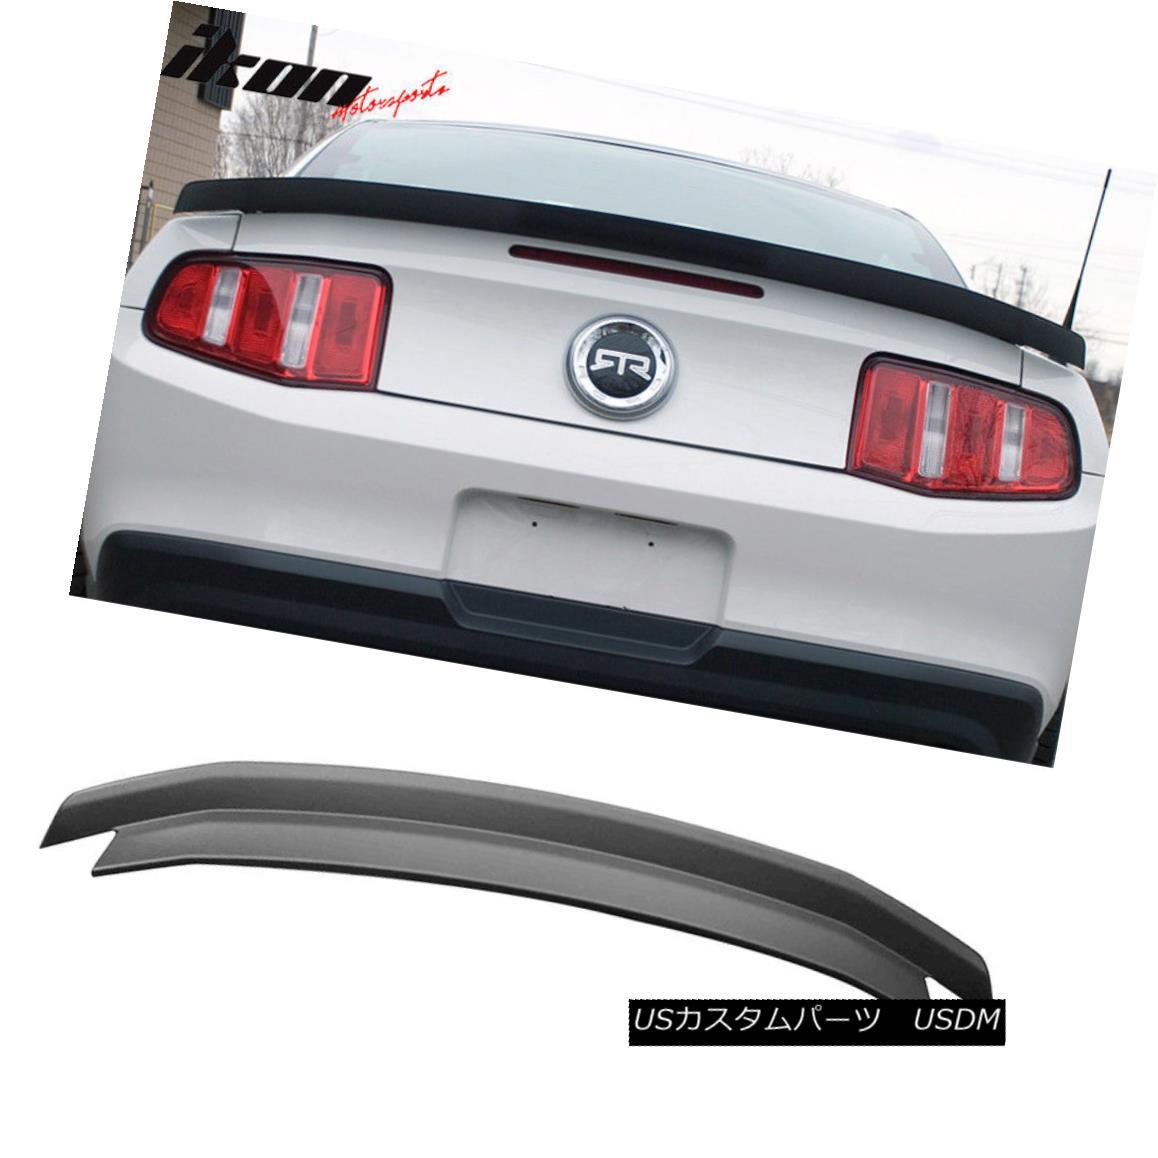 エアロパーツ 10-14 Ford Mustang Trunk Spoiler OEM Painted Matte Black 10-14フォードマスタングトランクスポイラーOEM塗装マットブラック